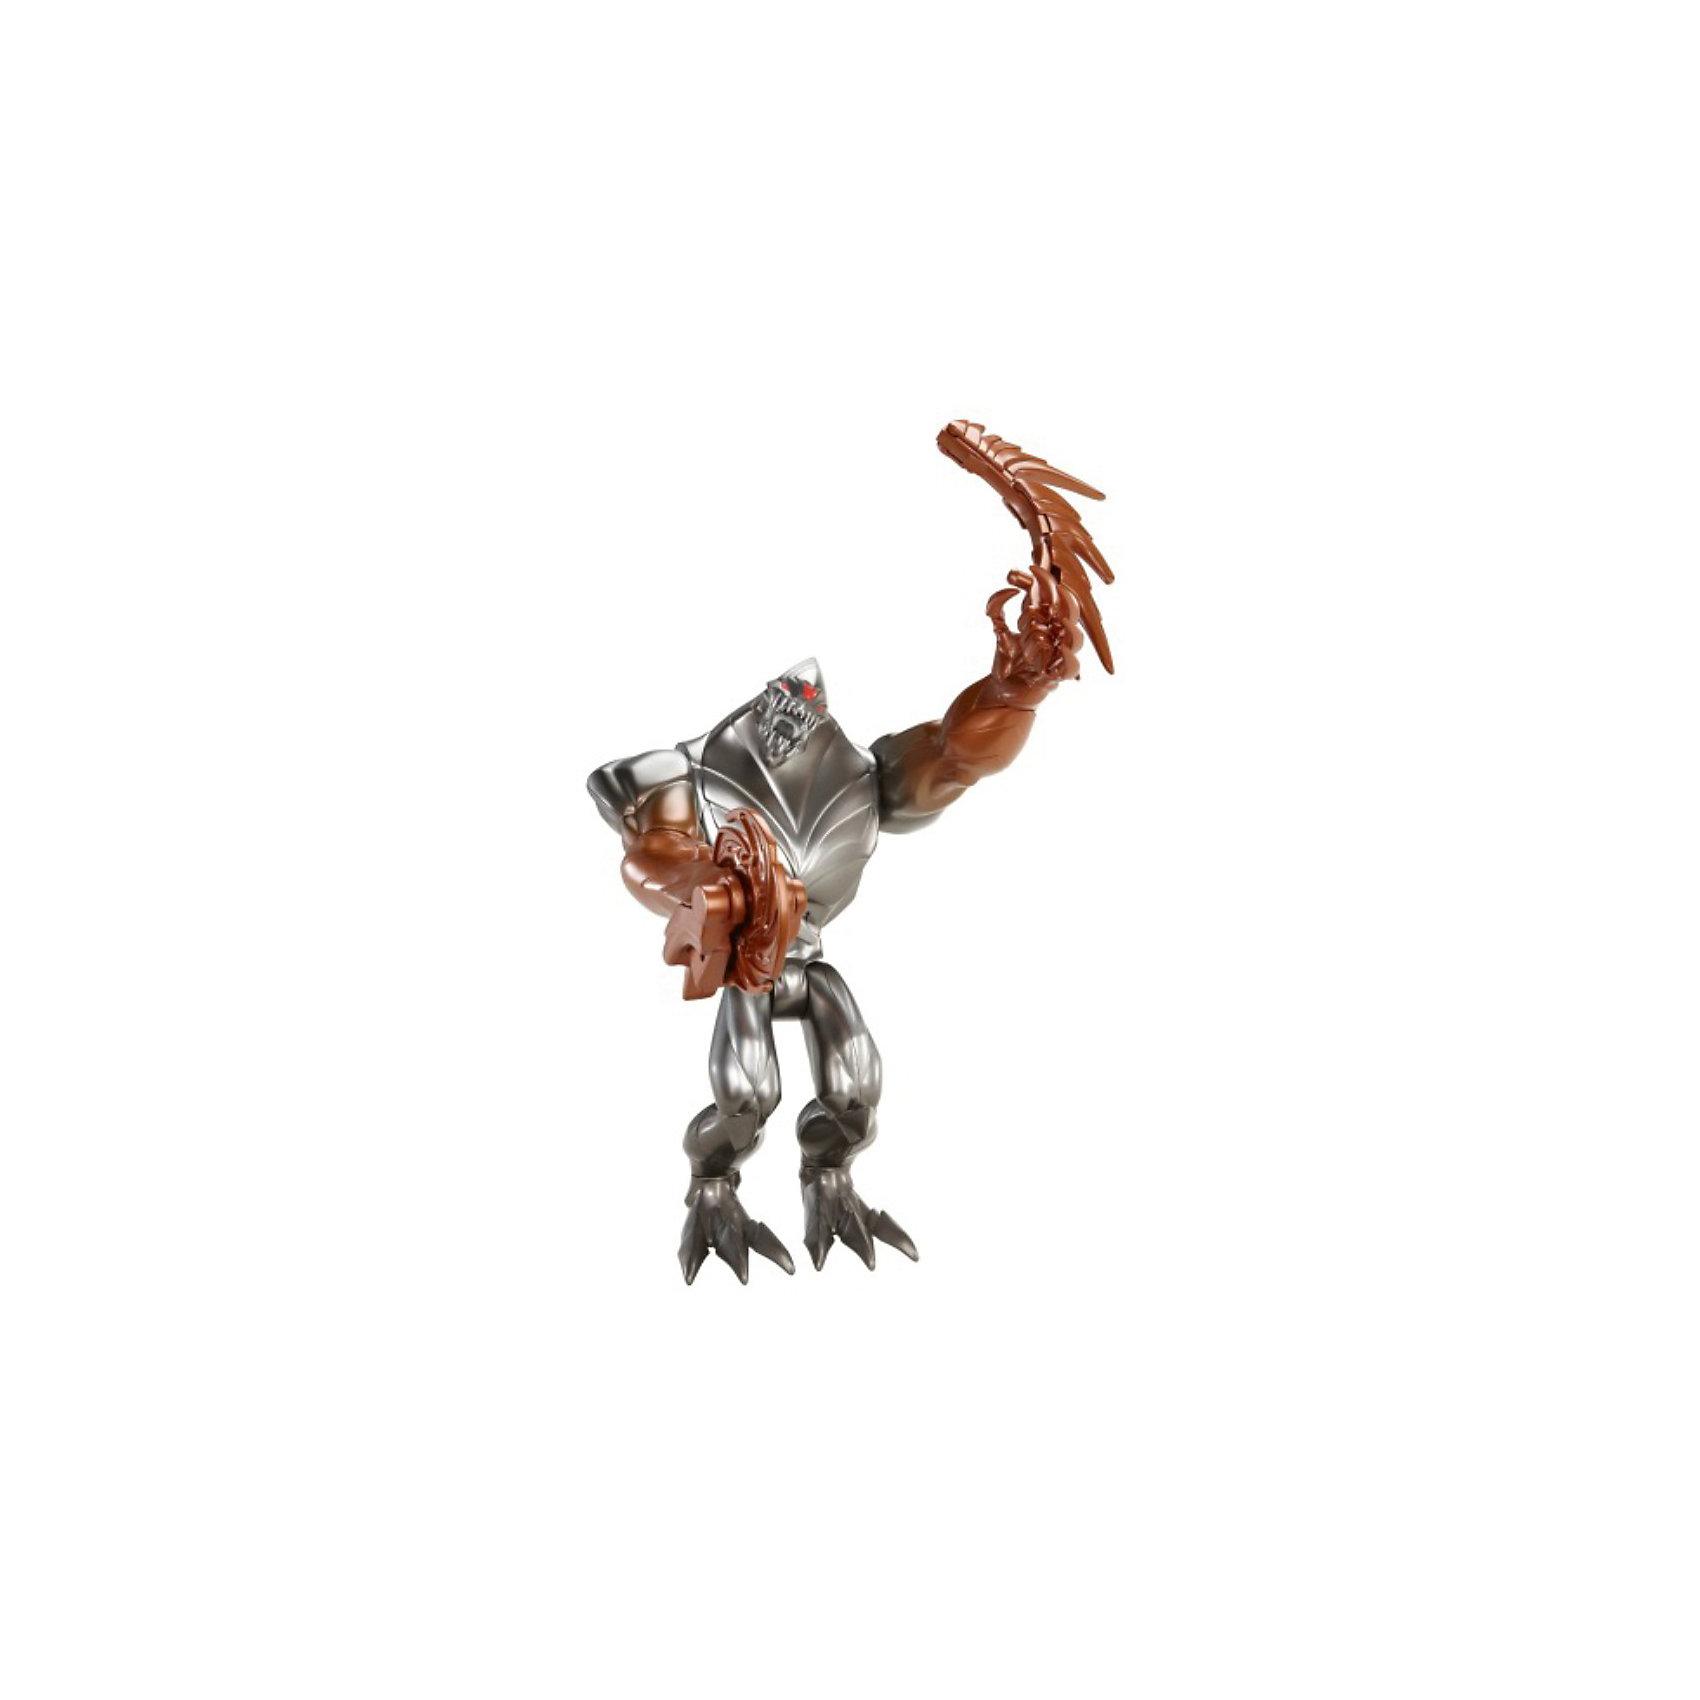 Фигурка Metal Elementor, Max SteelИгрушки<br>Фигурка Metal Elementor (Металлический Элементор), Max Steel (Макс Стил) – порадует всех маленьких поклонников мультсериала о супергероях.<br>Коллекция фигурок из серии «Макс Стил» отличается невероятно большими размерами— под стать размаху тех битв, которые их ожидают! Металлический Элементор, биопаразитический воин-покоритель омега-класса. У огромной 30-см фигурке Металлического Элементора в одной руке вращается металлический диск, способный разрезать соперника пополам и нанести смертельную рану, даже слегка коснувшись врага. Другая рука сжата в кулак, который способен нанести сокрушительный и мощный удар при нажатии на специальную кнопку.<br><br>Дополнительная информация:<br><br>- Высота фигурки: 30 см.<br>- Материл: пластик<br>- Размер упаковки: 26,5 x 30,5 x 9,5 см.<br>- Вес: 0.834 кг.<br><br>Фигурку Metal Elementor (Металлический Элементор), Max Steel (Макс Стил) можно купить в нашем интернет-магазине.<br><br>Ширина мм: 305<br>Глубина мм: 270<br>Высота мм: 95<br>Вес г: 834<br>Возраст от месяцев: 60<br>Возраст до месяцев: 144<br>Пол: Мужской<br>Возраст: Детский<br>SKU: 3759657